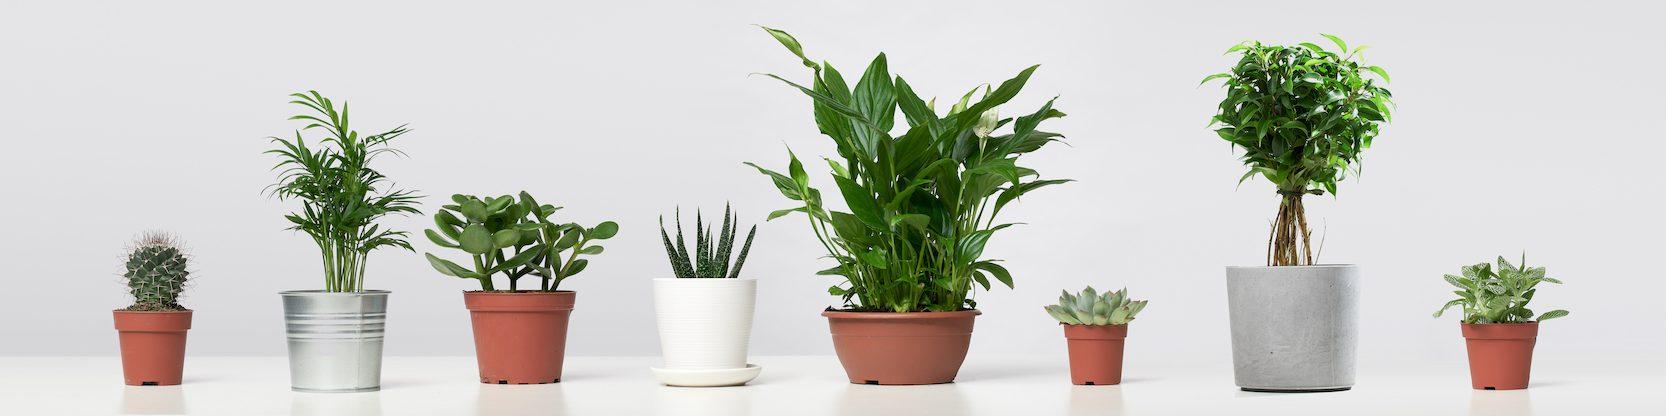 quick growing indoor plants